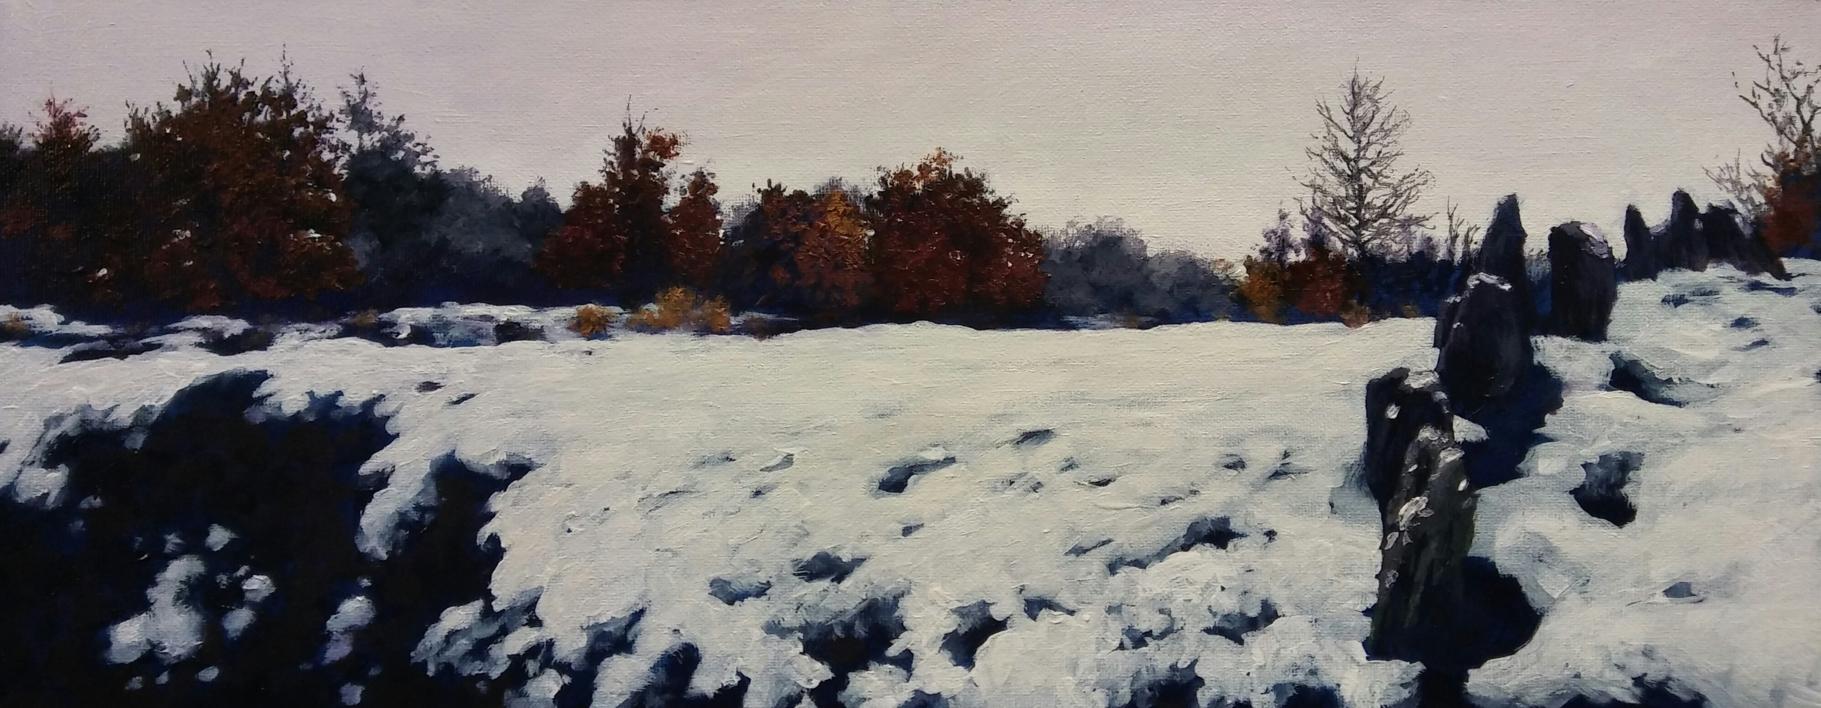 Paisaje Nevado |Pintura de Tomás Guzmán | Compra arte en Flecha.es